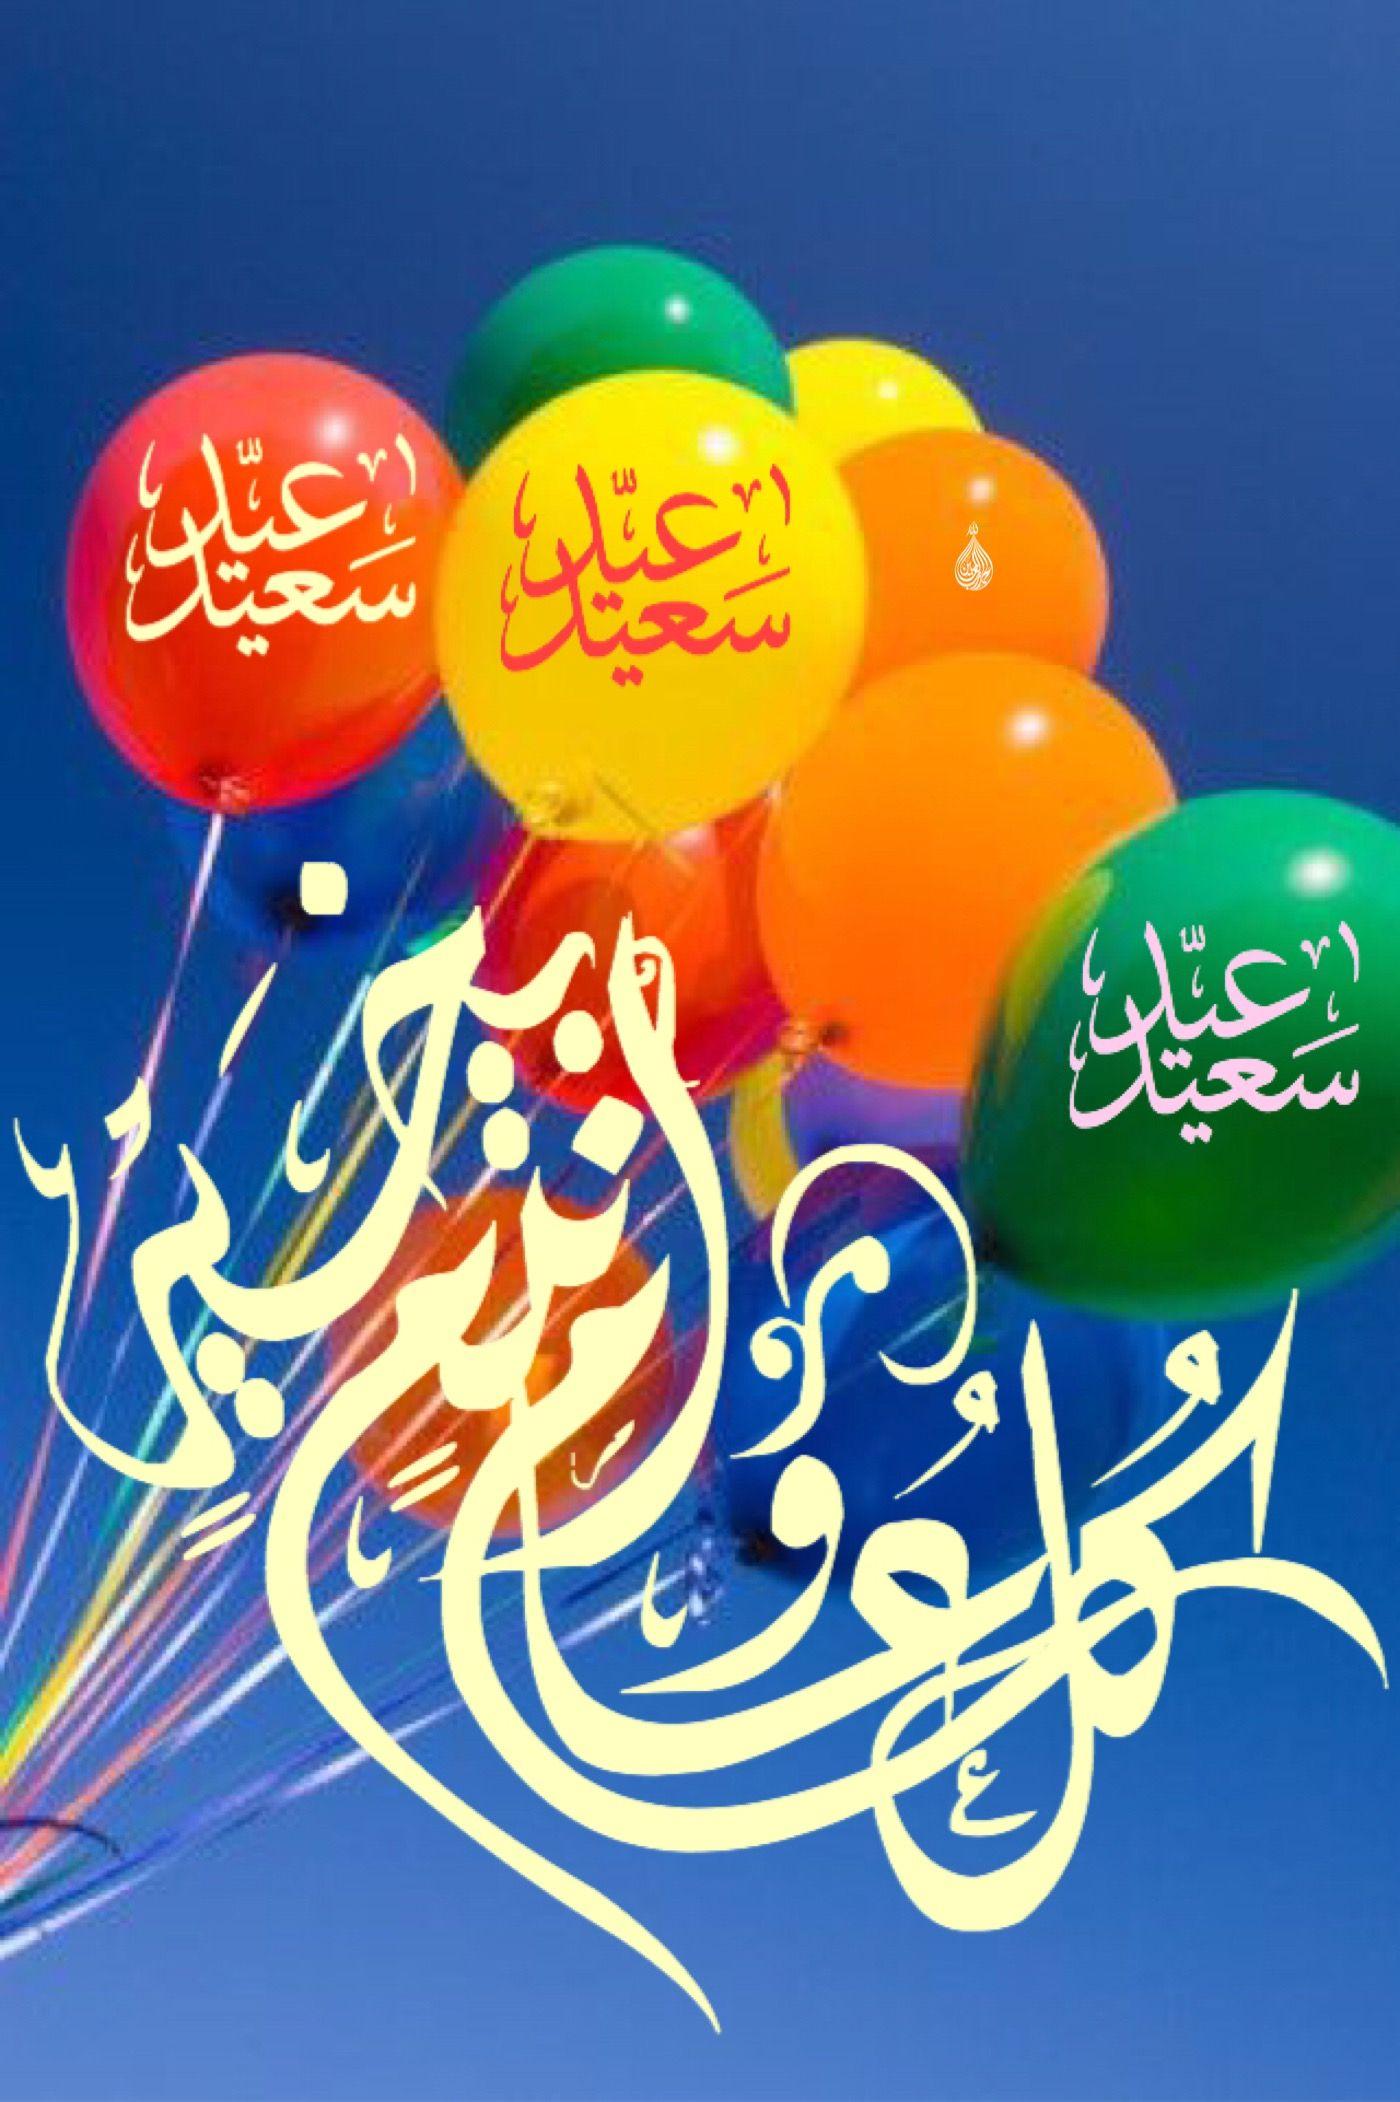 عيد سعيد كل عام وأنتم بخير Happy Eid Ramadan Decorations Neon Signs